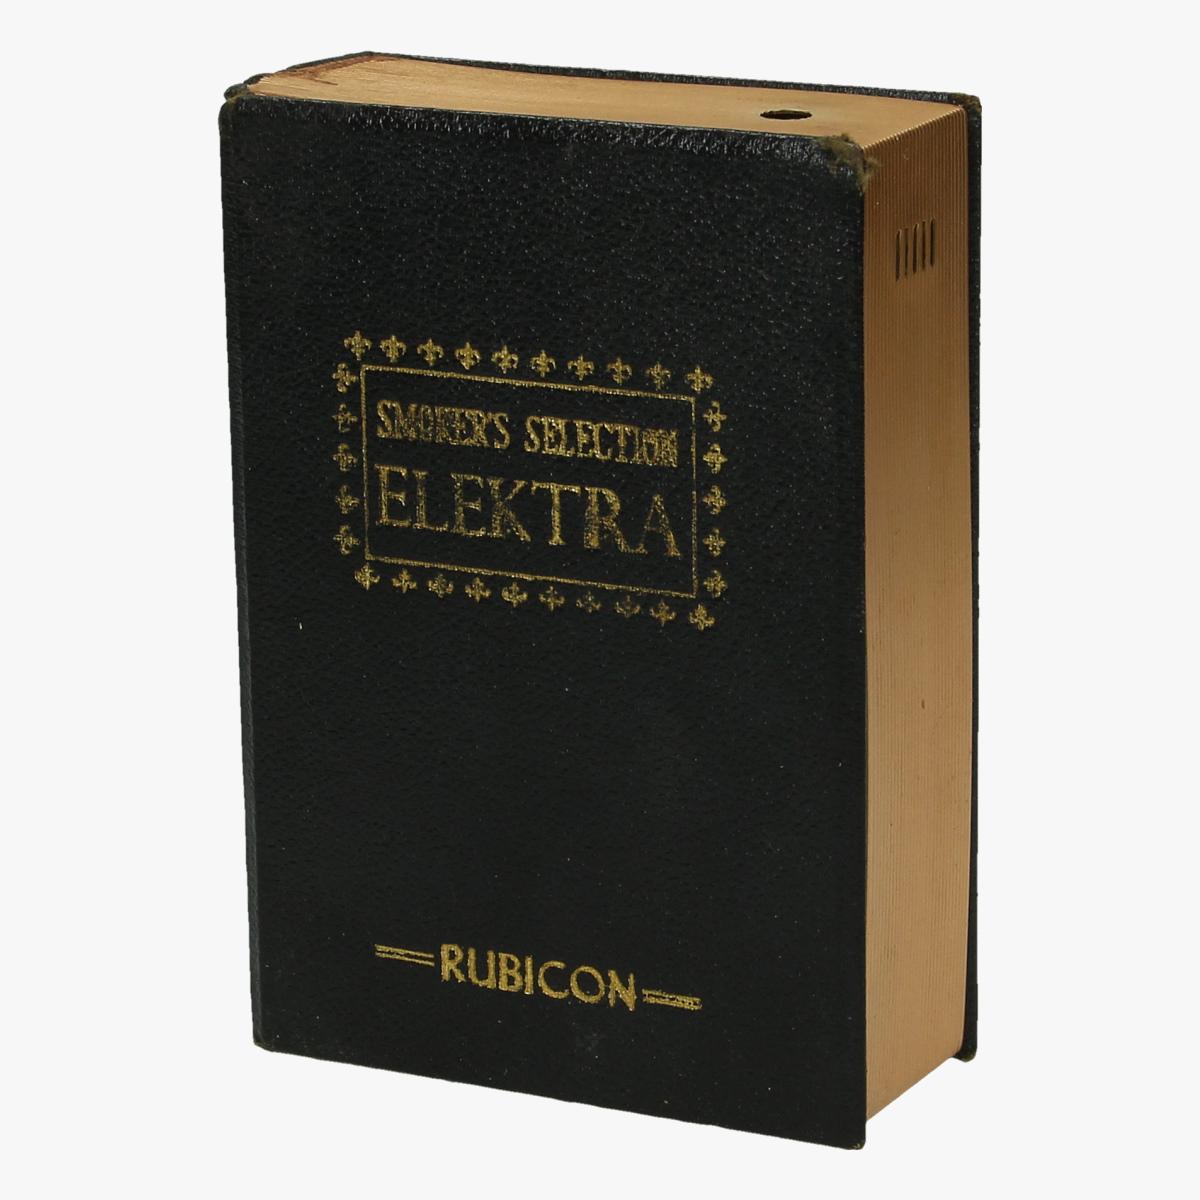 Afbeeldingen van aansteker boek smoker's selection elektra rubicon